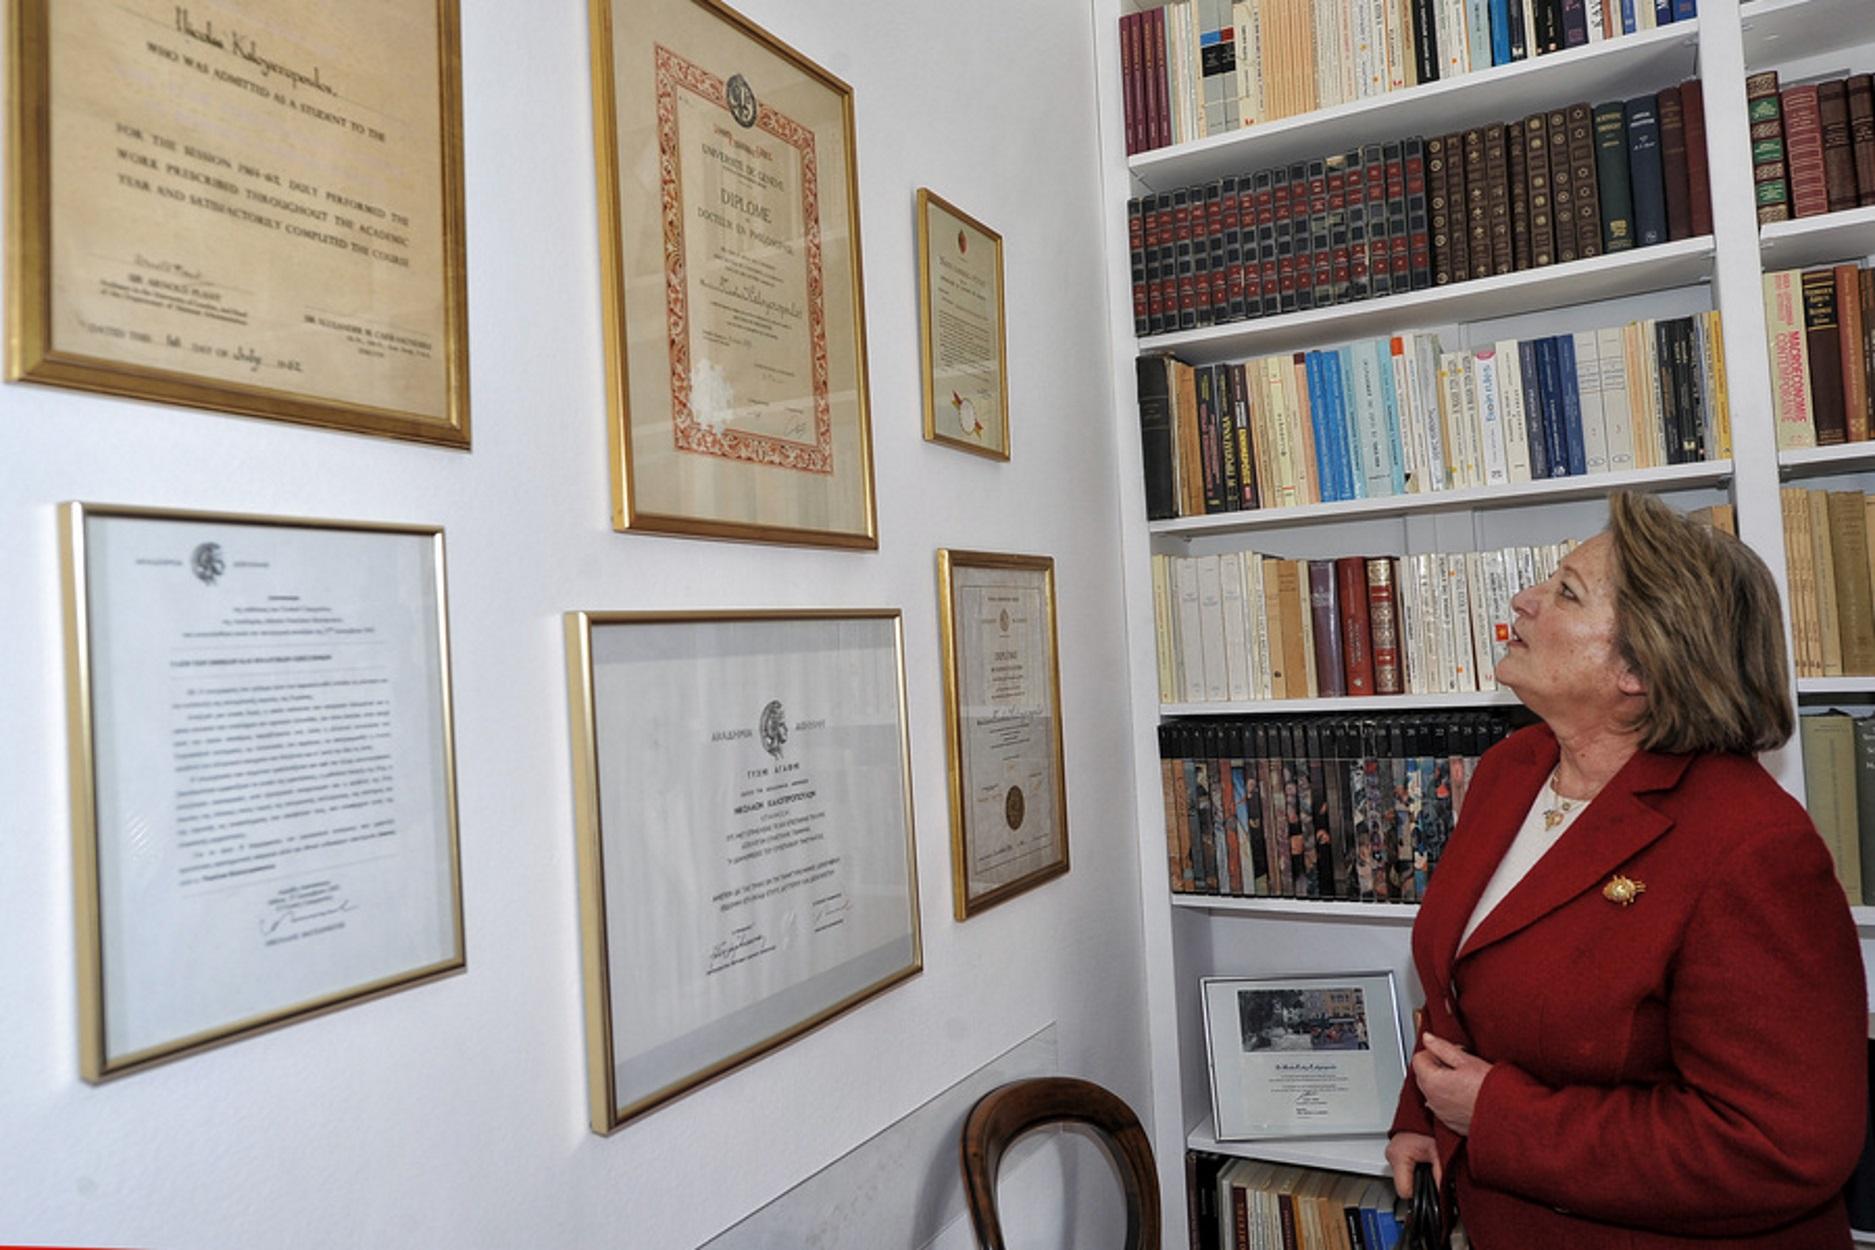 Βραβείο για την Σίσσυ Παυλοπούλου – Οι συγκλονιστικές εξομολογήσεις Χούκλη, Τσόκλη, Βιτάλη!